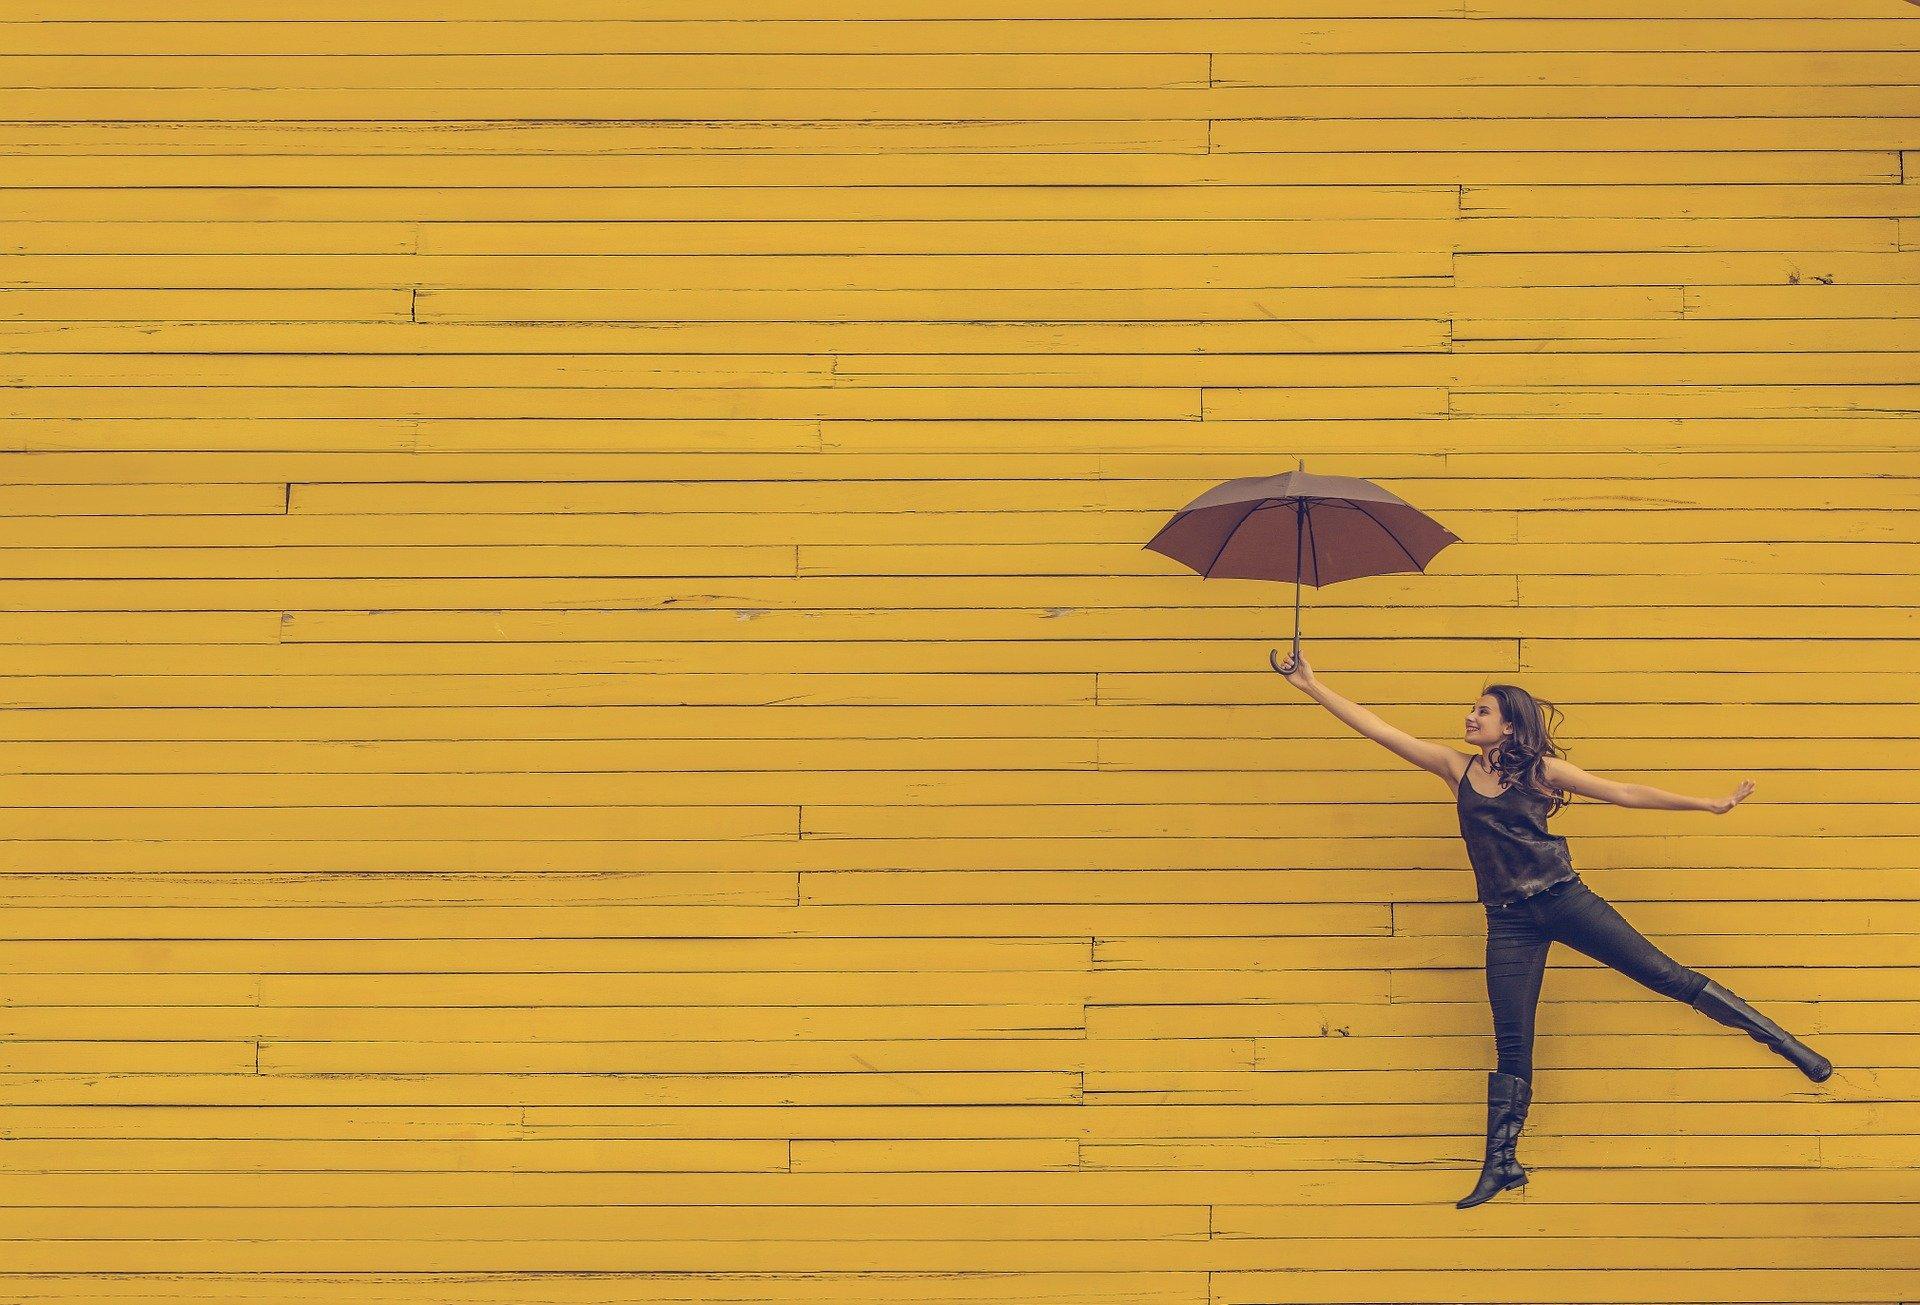 Les quatre notions qui fortifient la motivation à la pratique contemplative